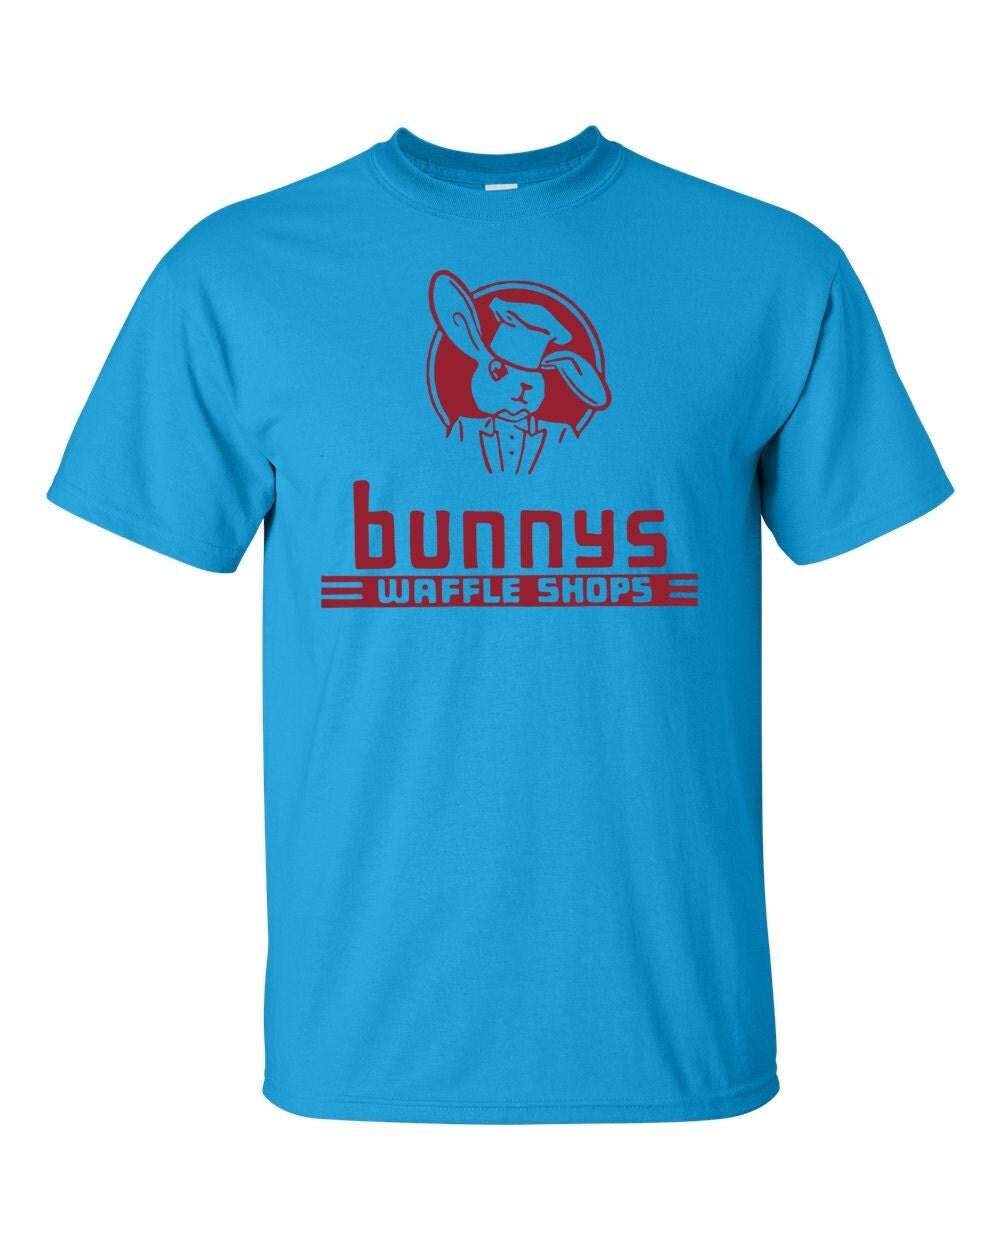 Bunny's Waffle Shops Vintage Matchbook T-shirt